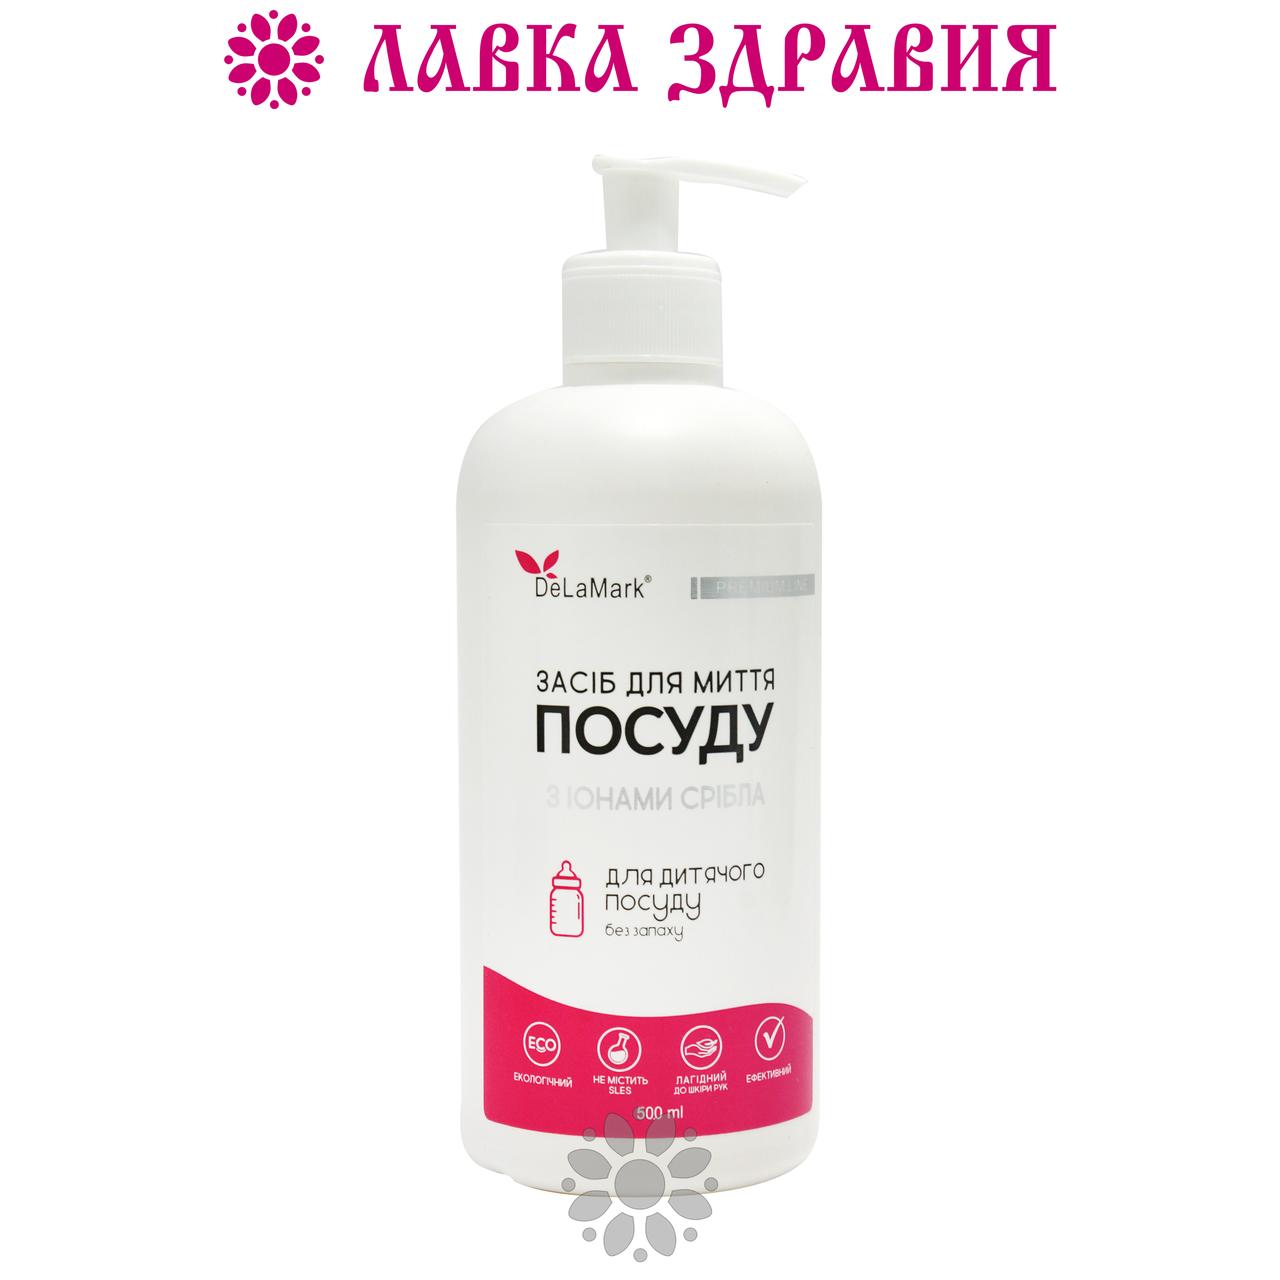 Средство для мытья детской посуды DeLaMark с ионами серебра без запаха, 0,5 л